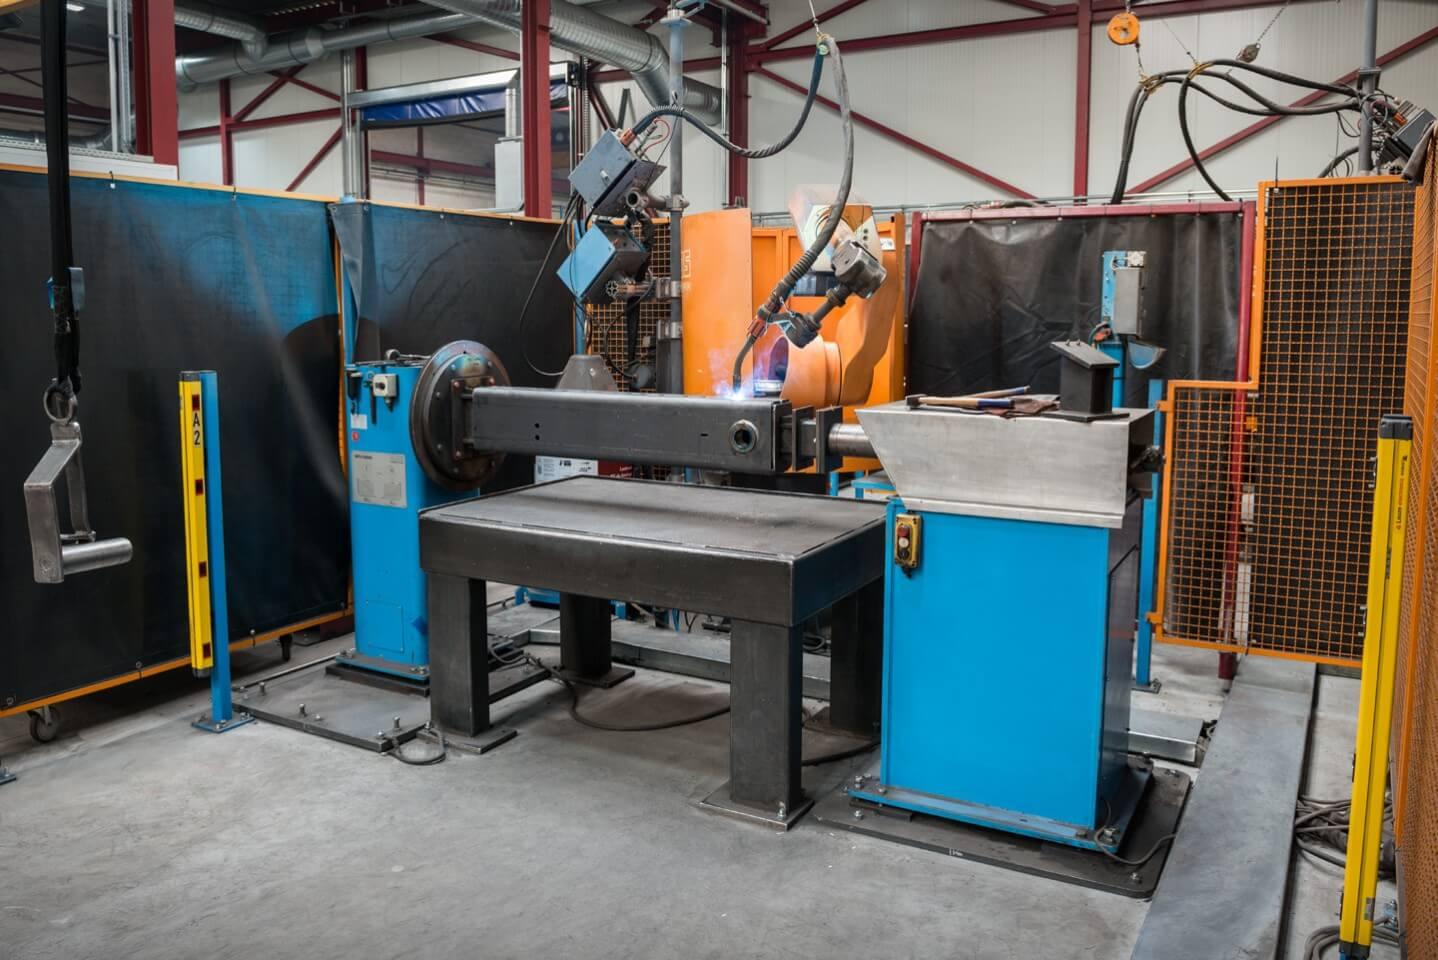 Robotlassen met Lasrobot 3 & 4 CLOOS R450 dubbele robot